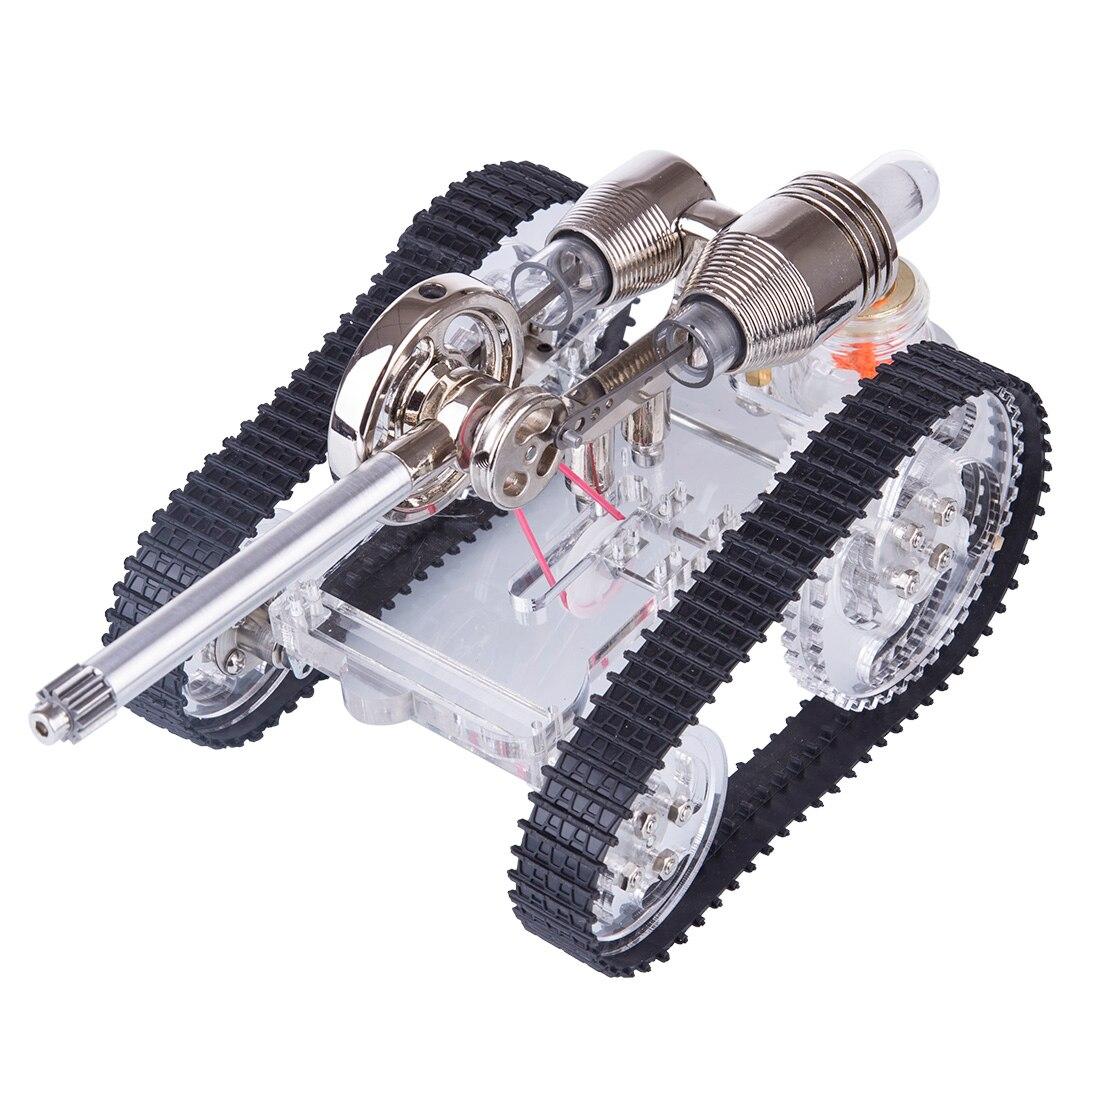 Танк Стирлинга Модель двигателя внешнего сгорания Модель двигателя строительный комплект